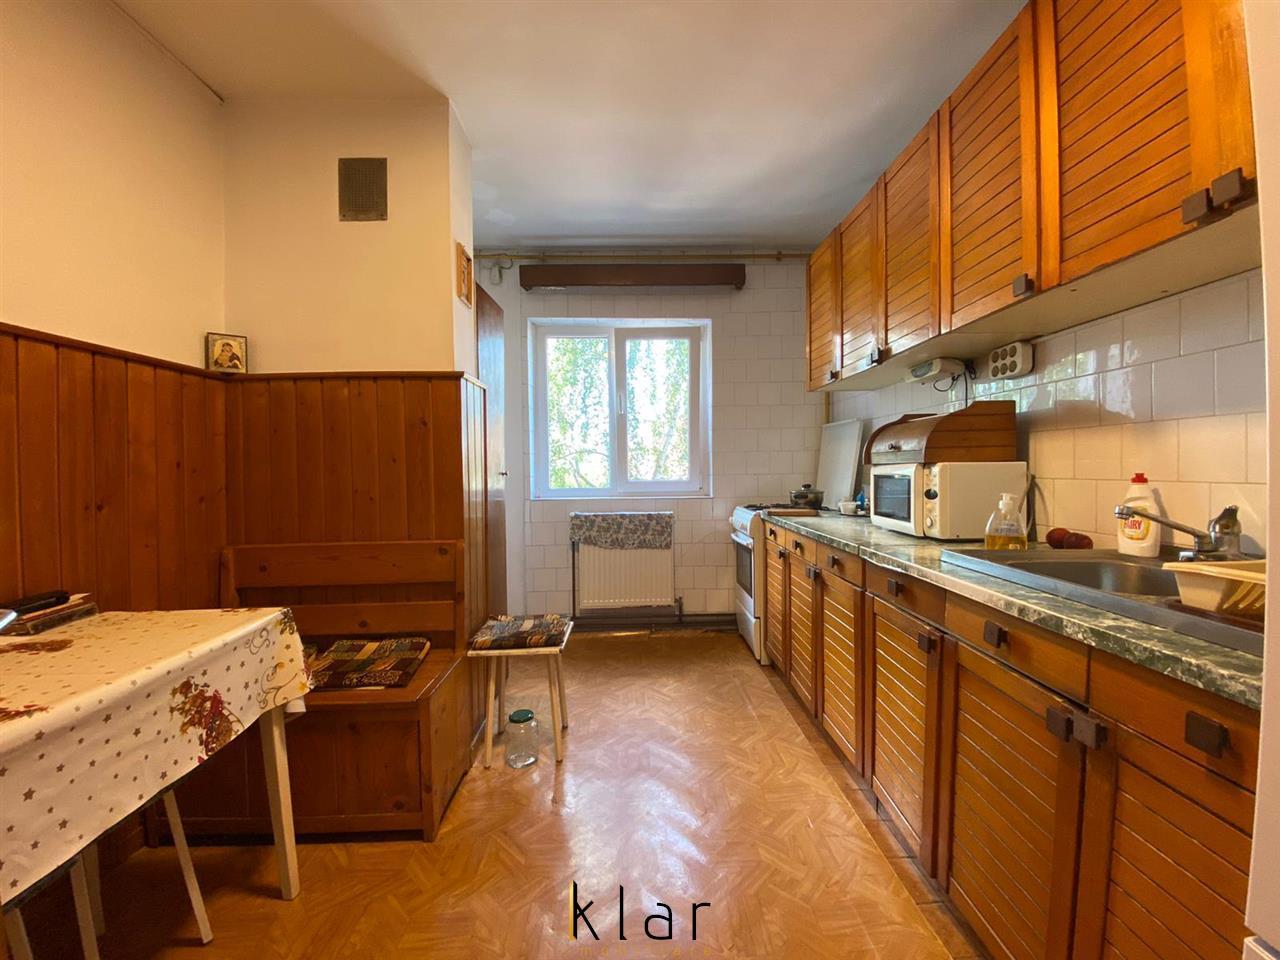 Oferta Rara! 4 Camere Decomandat pe Strada Titulescu